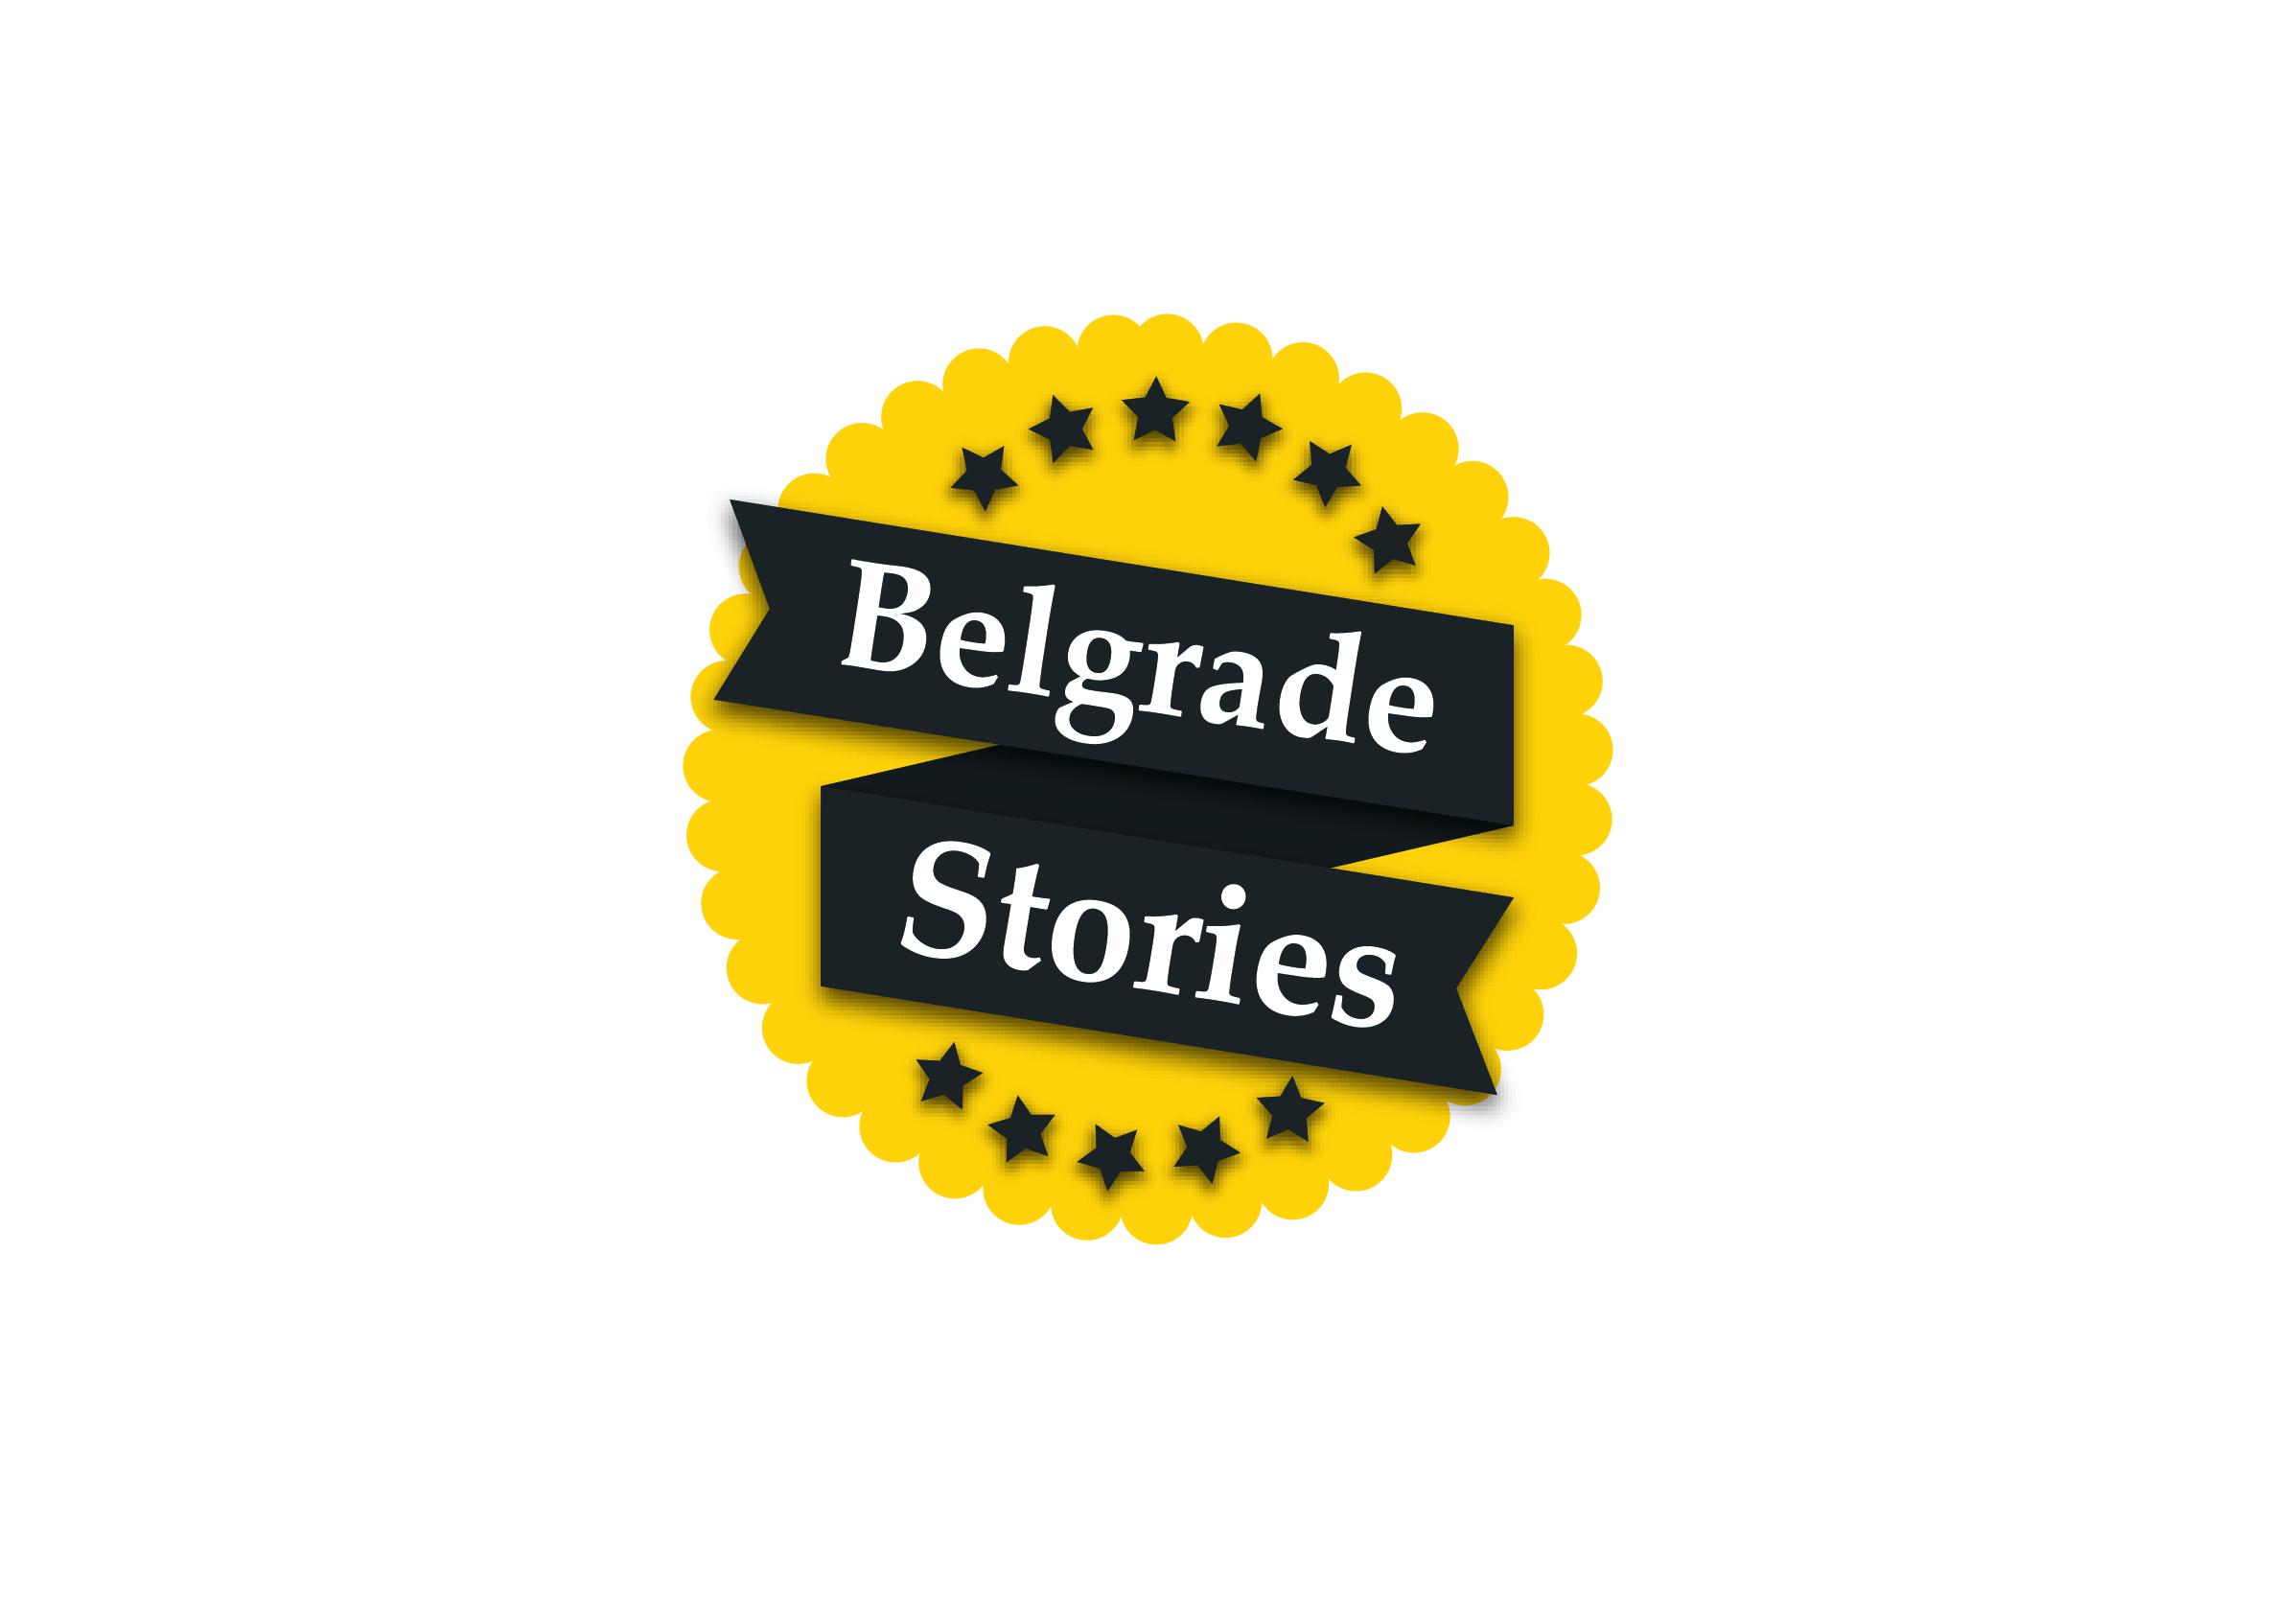 Логотип для агентства городских туров в Белграде фото f_011589b1c45d066b.jpg